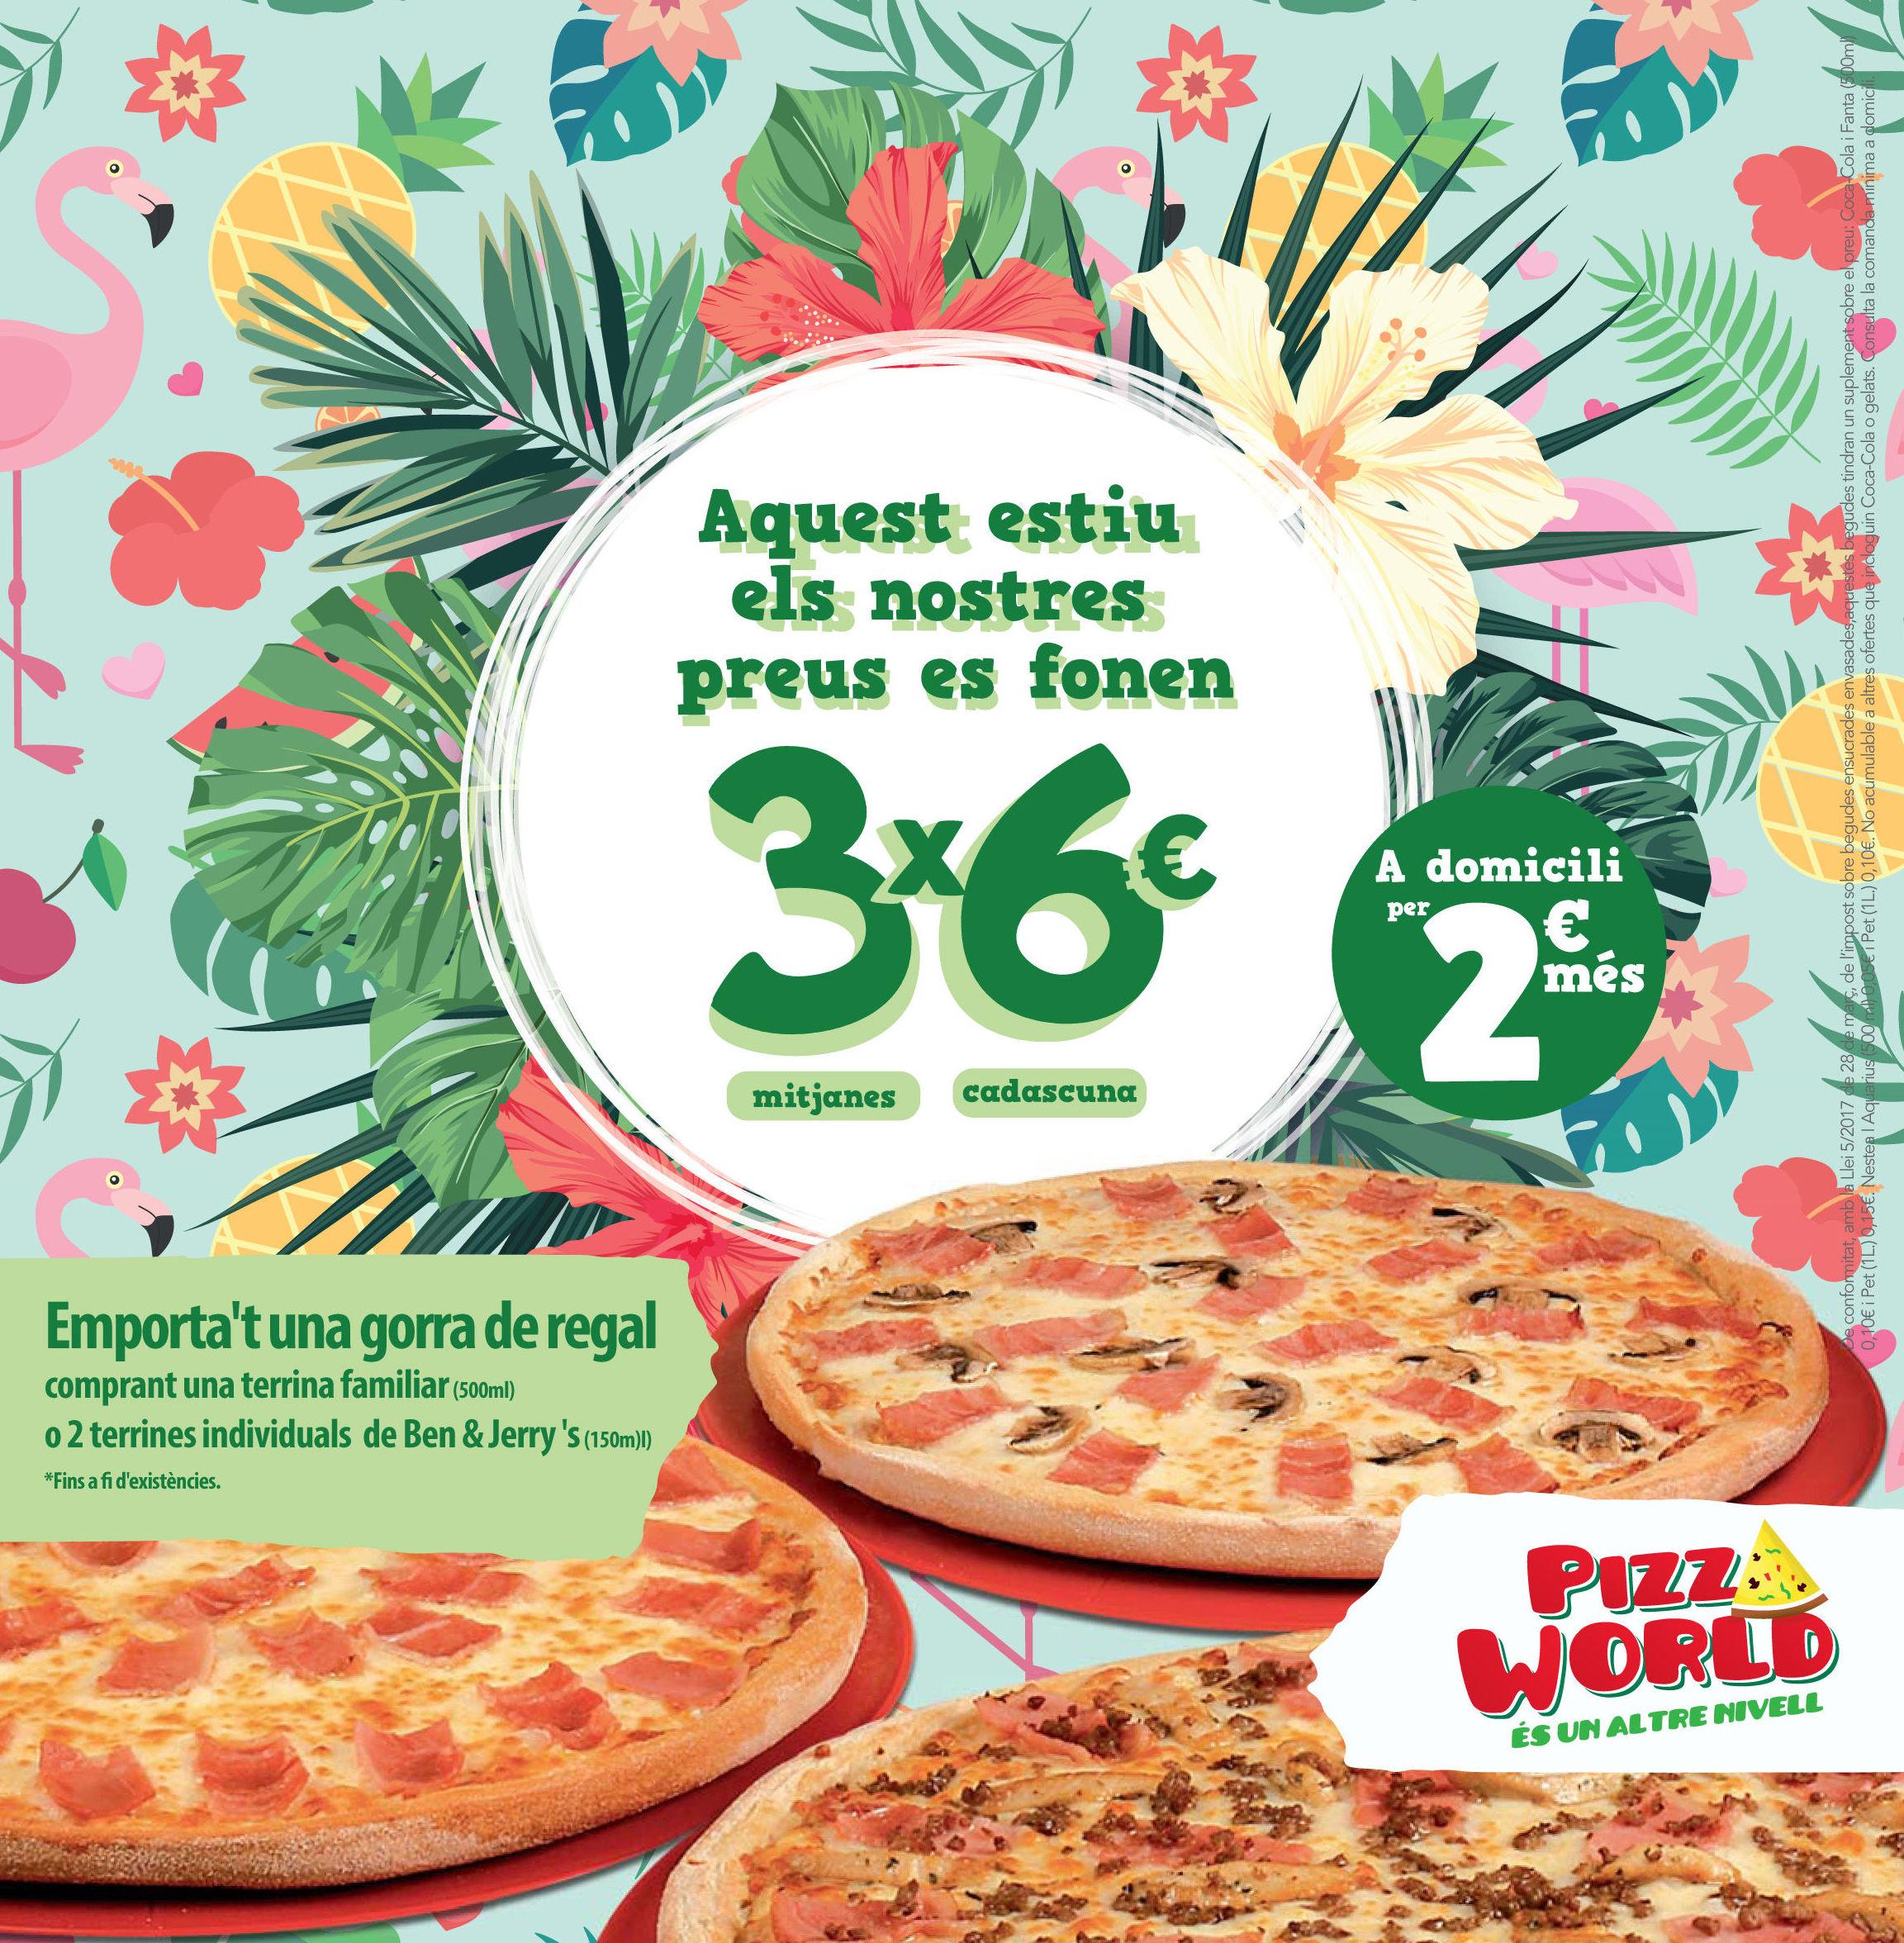 Foto 2 de Restaurante en Sant Boi de Llobregat | Pizza World